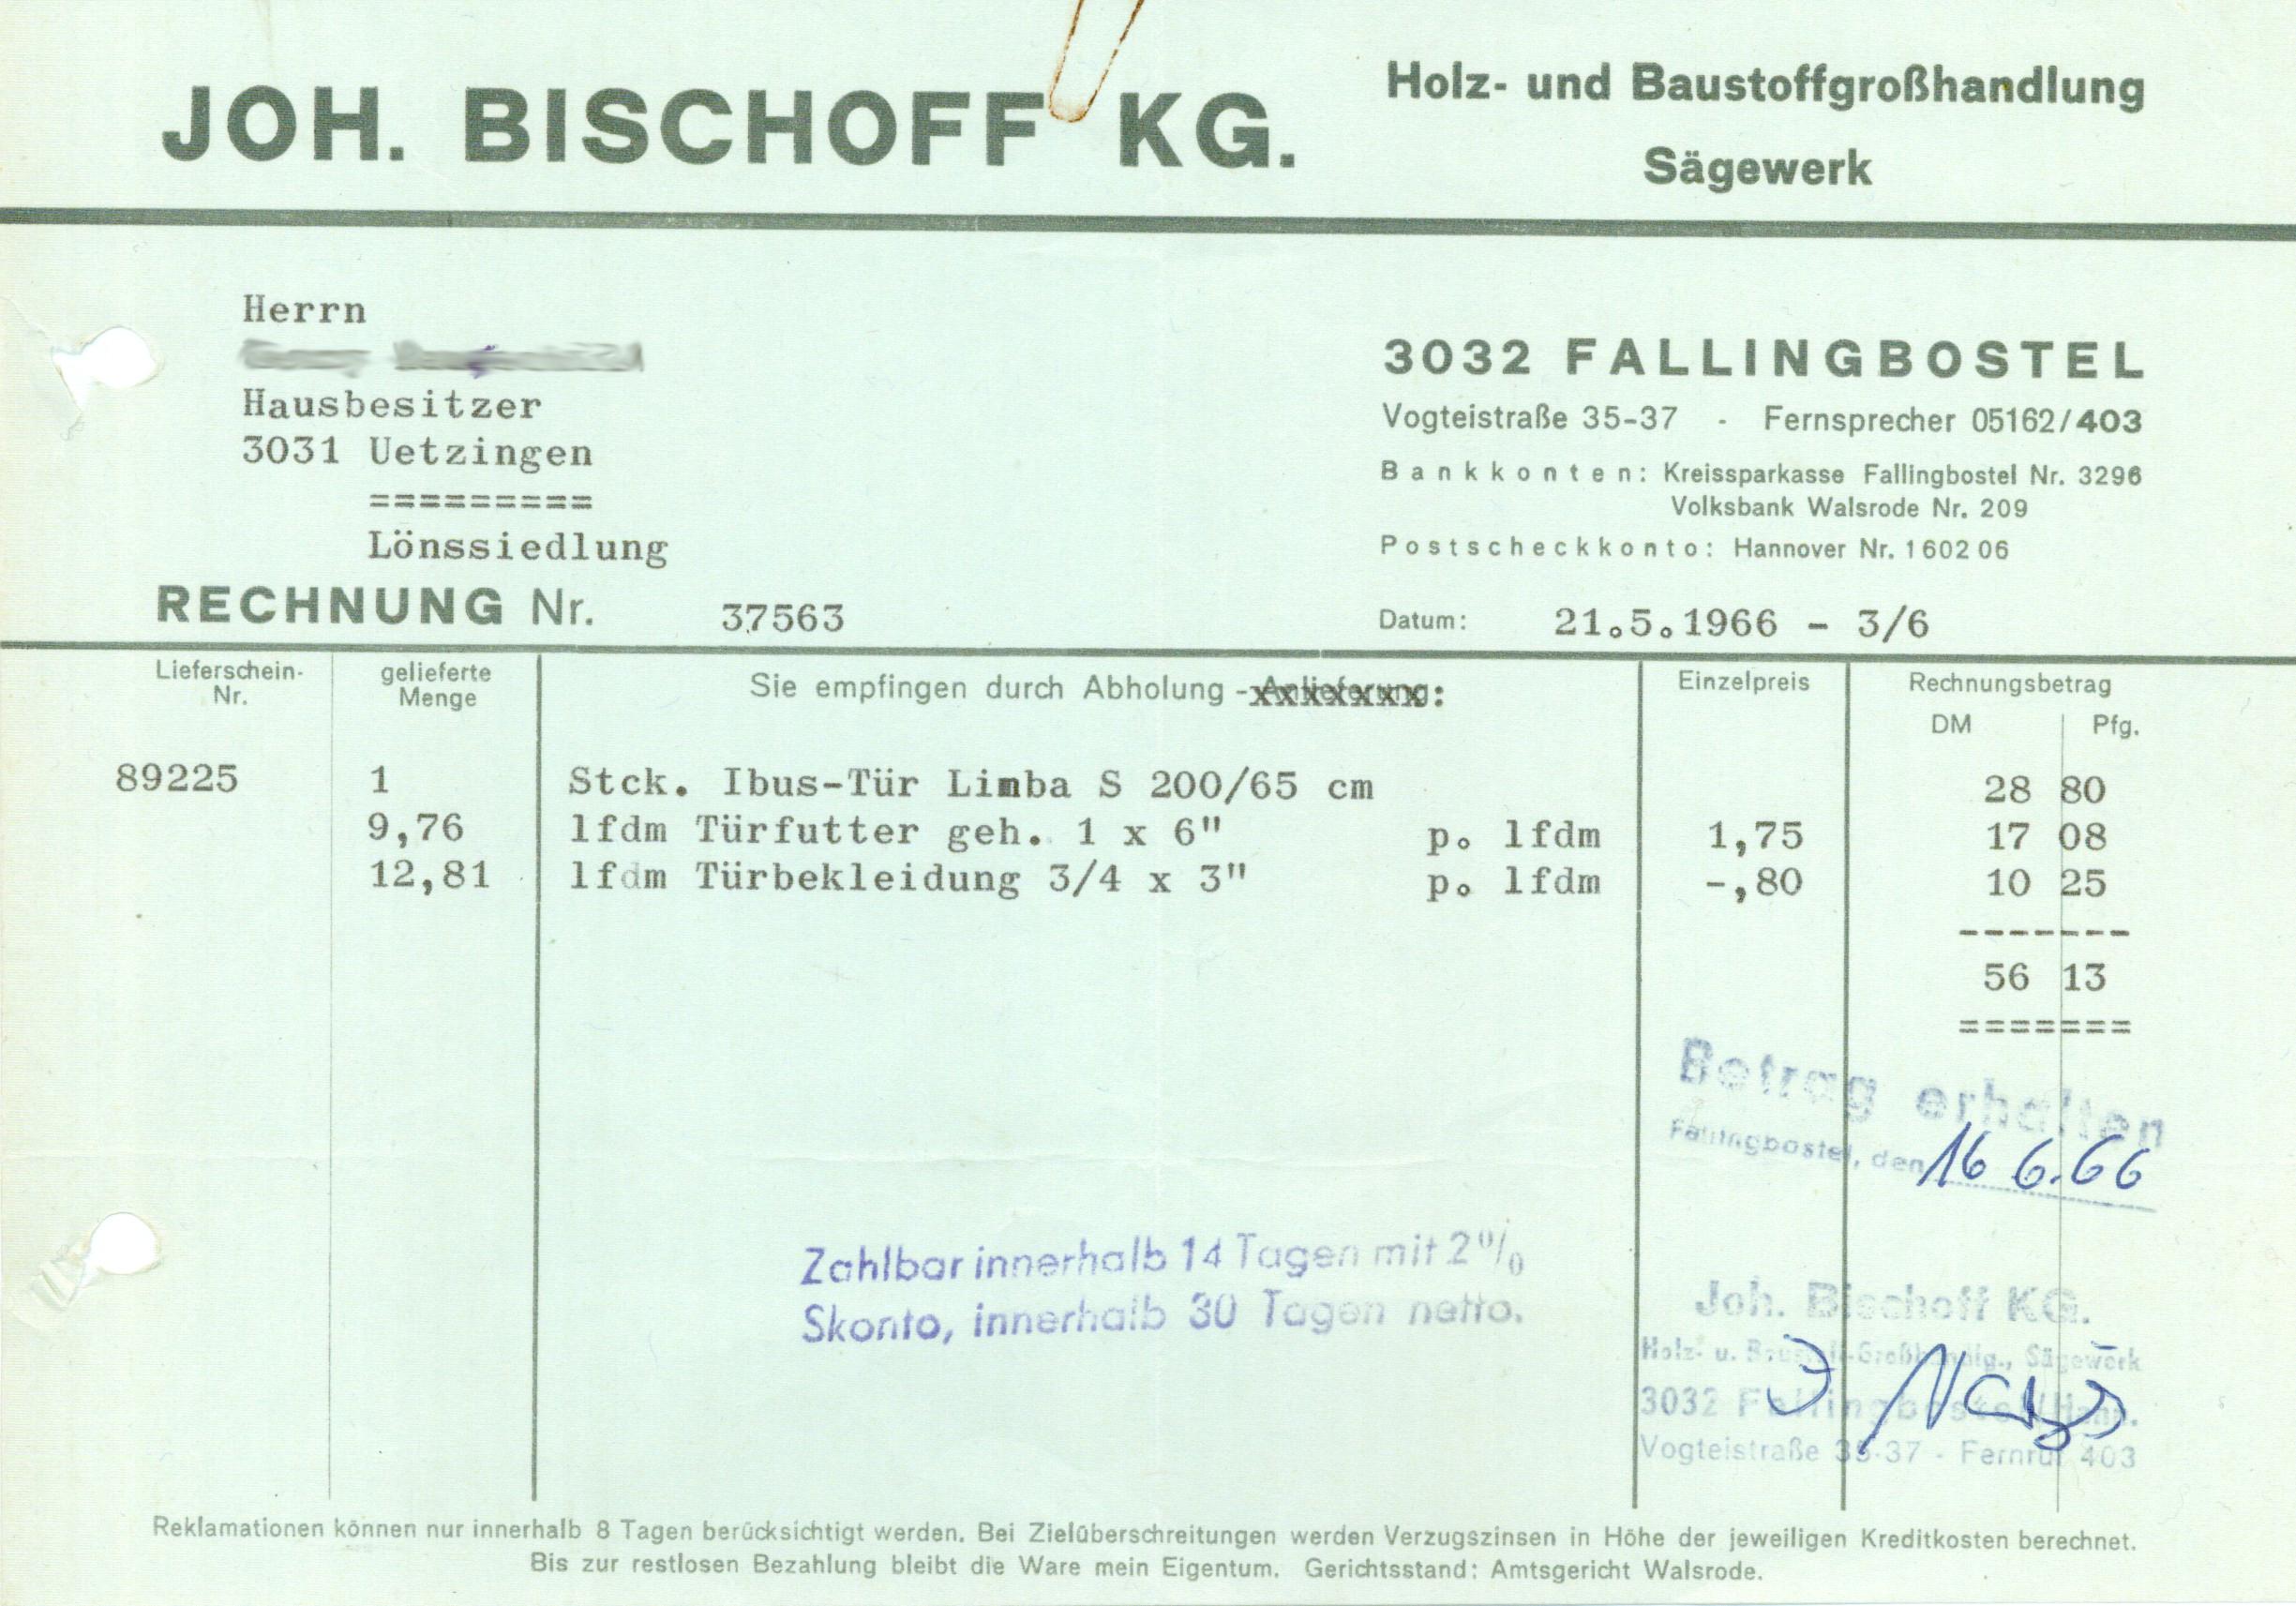 Lieferschein001